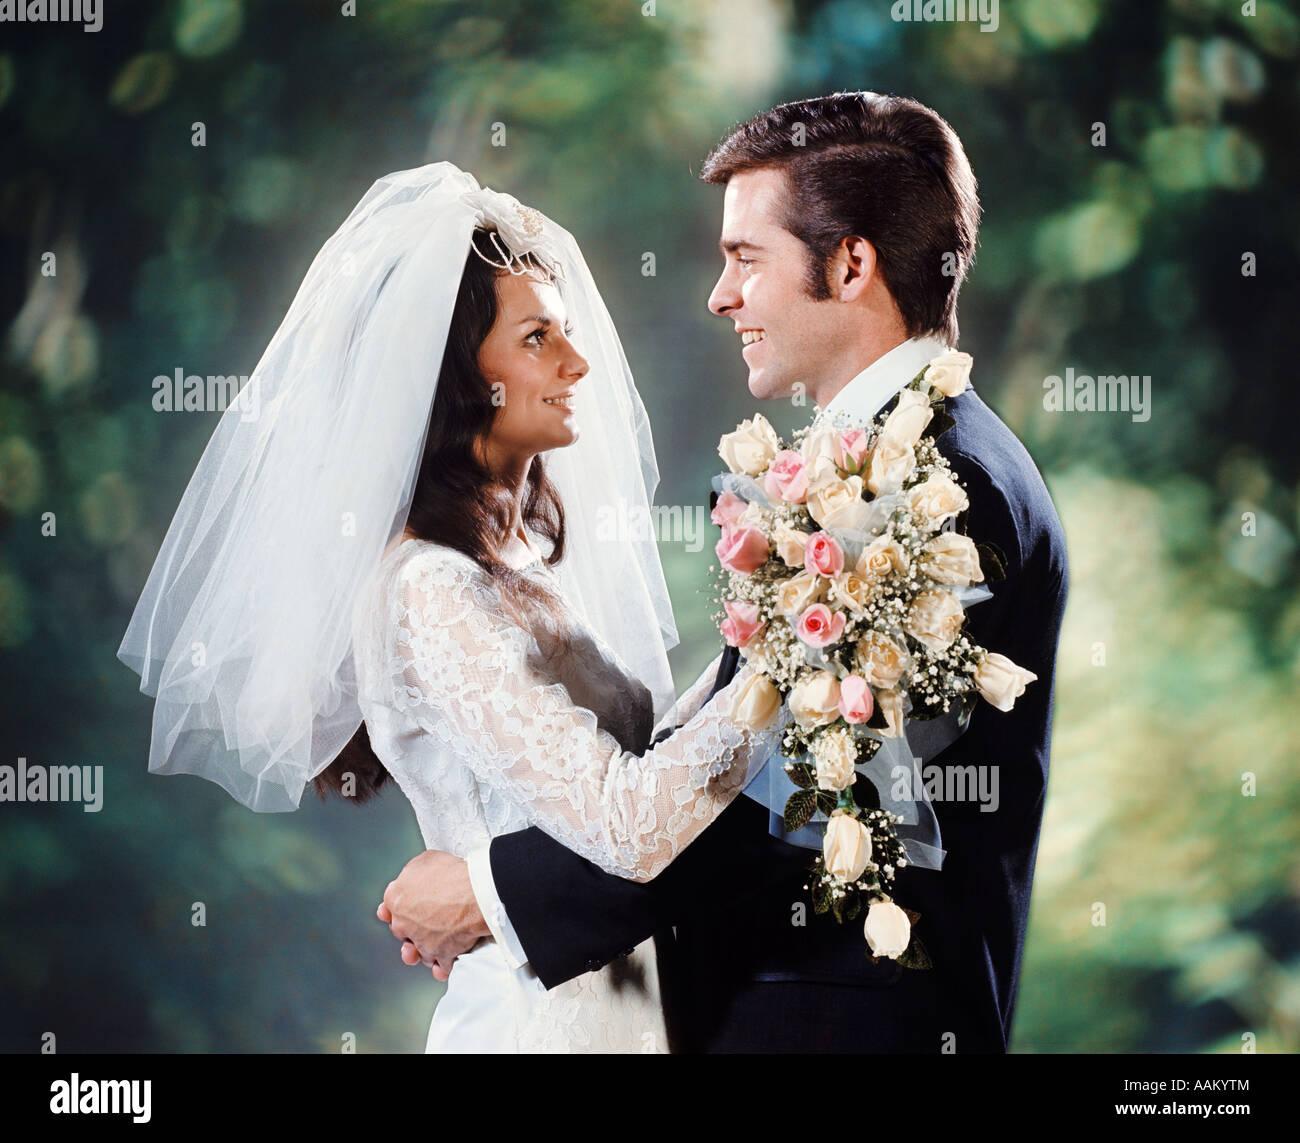 Anni Settanta sposa sposo abbracciando abbracciare FACCIA A FACCIA BOUQUET NUZIALE GIOVANE UOMO DONNA Immagini Stock